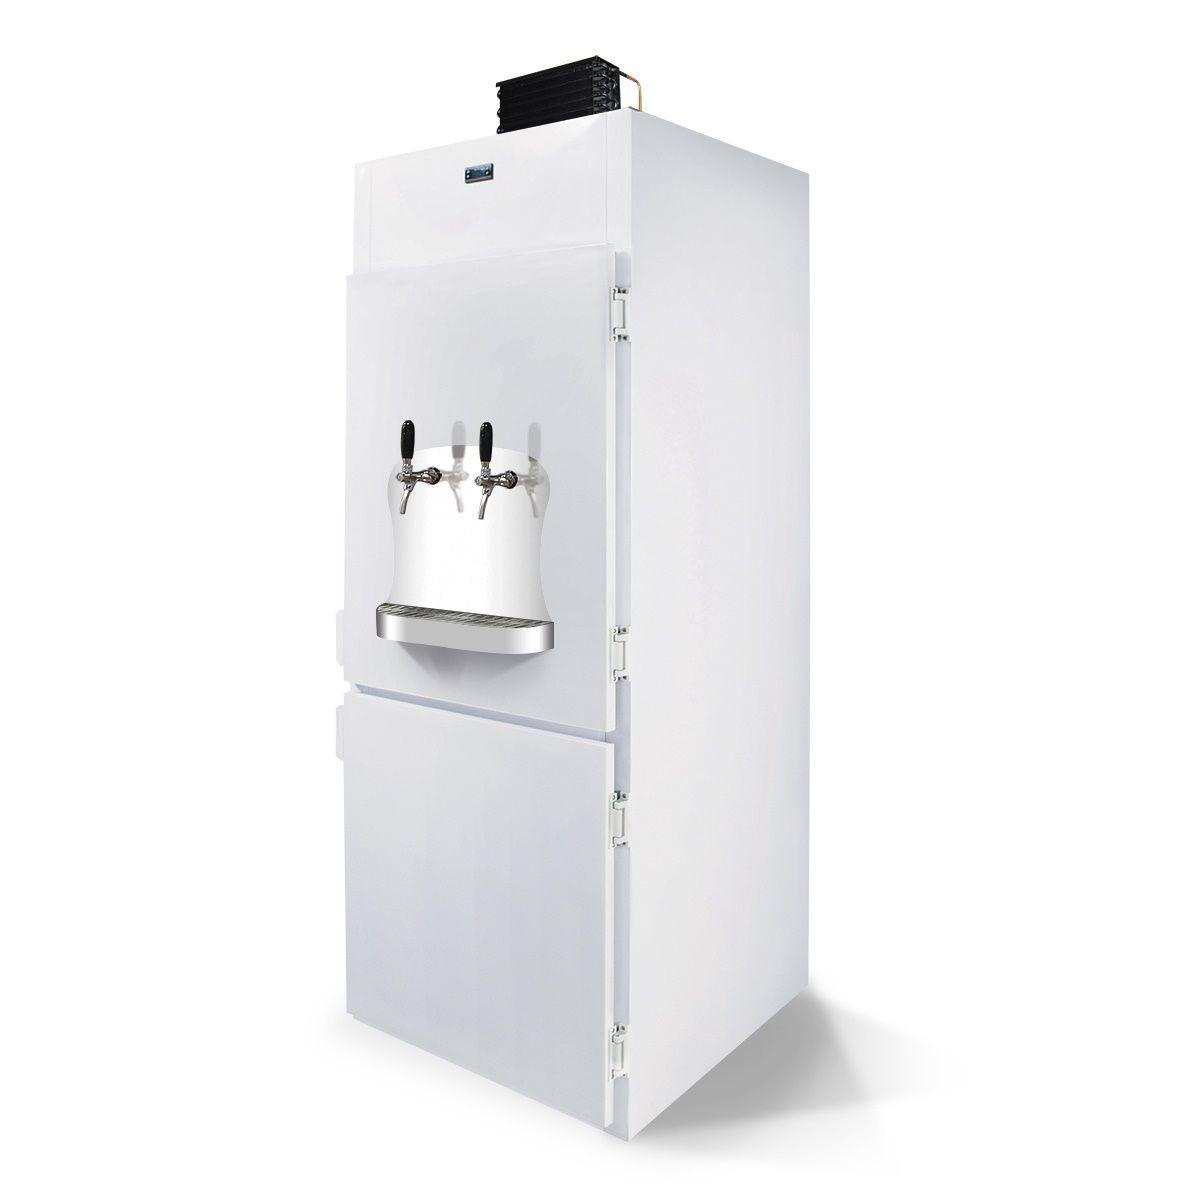 Refrigerador 2 Portas 950 Litros -7 Graus Com Kit Completo para Chopp